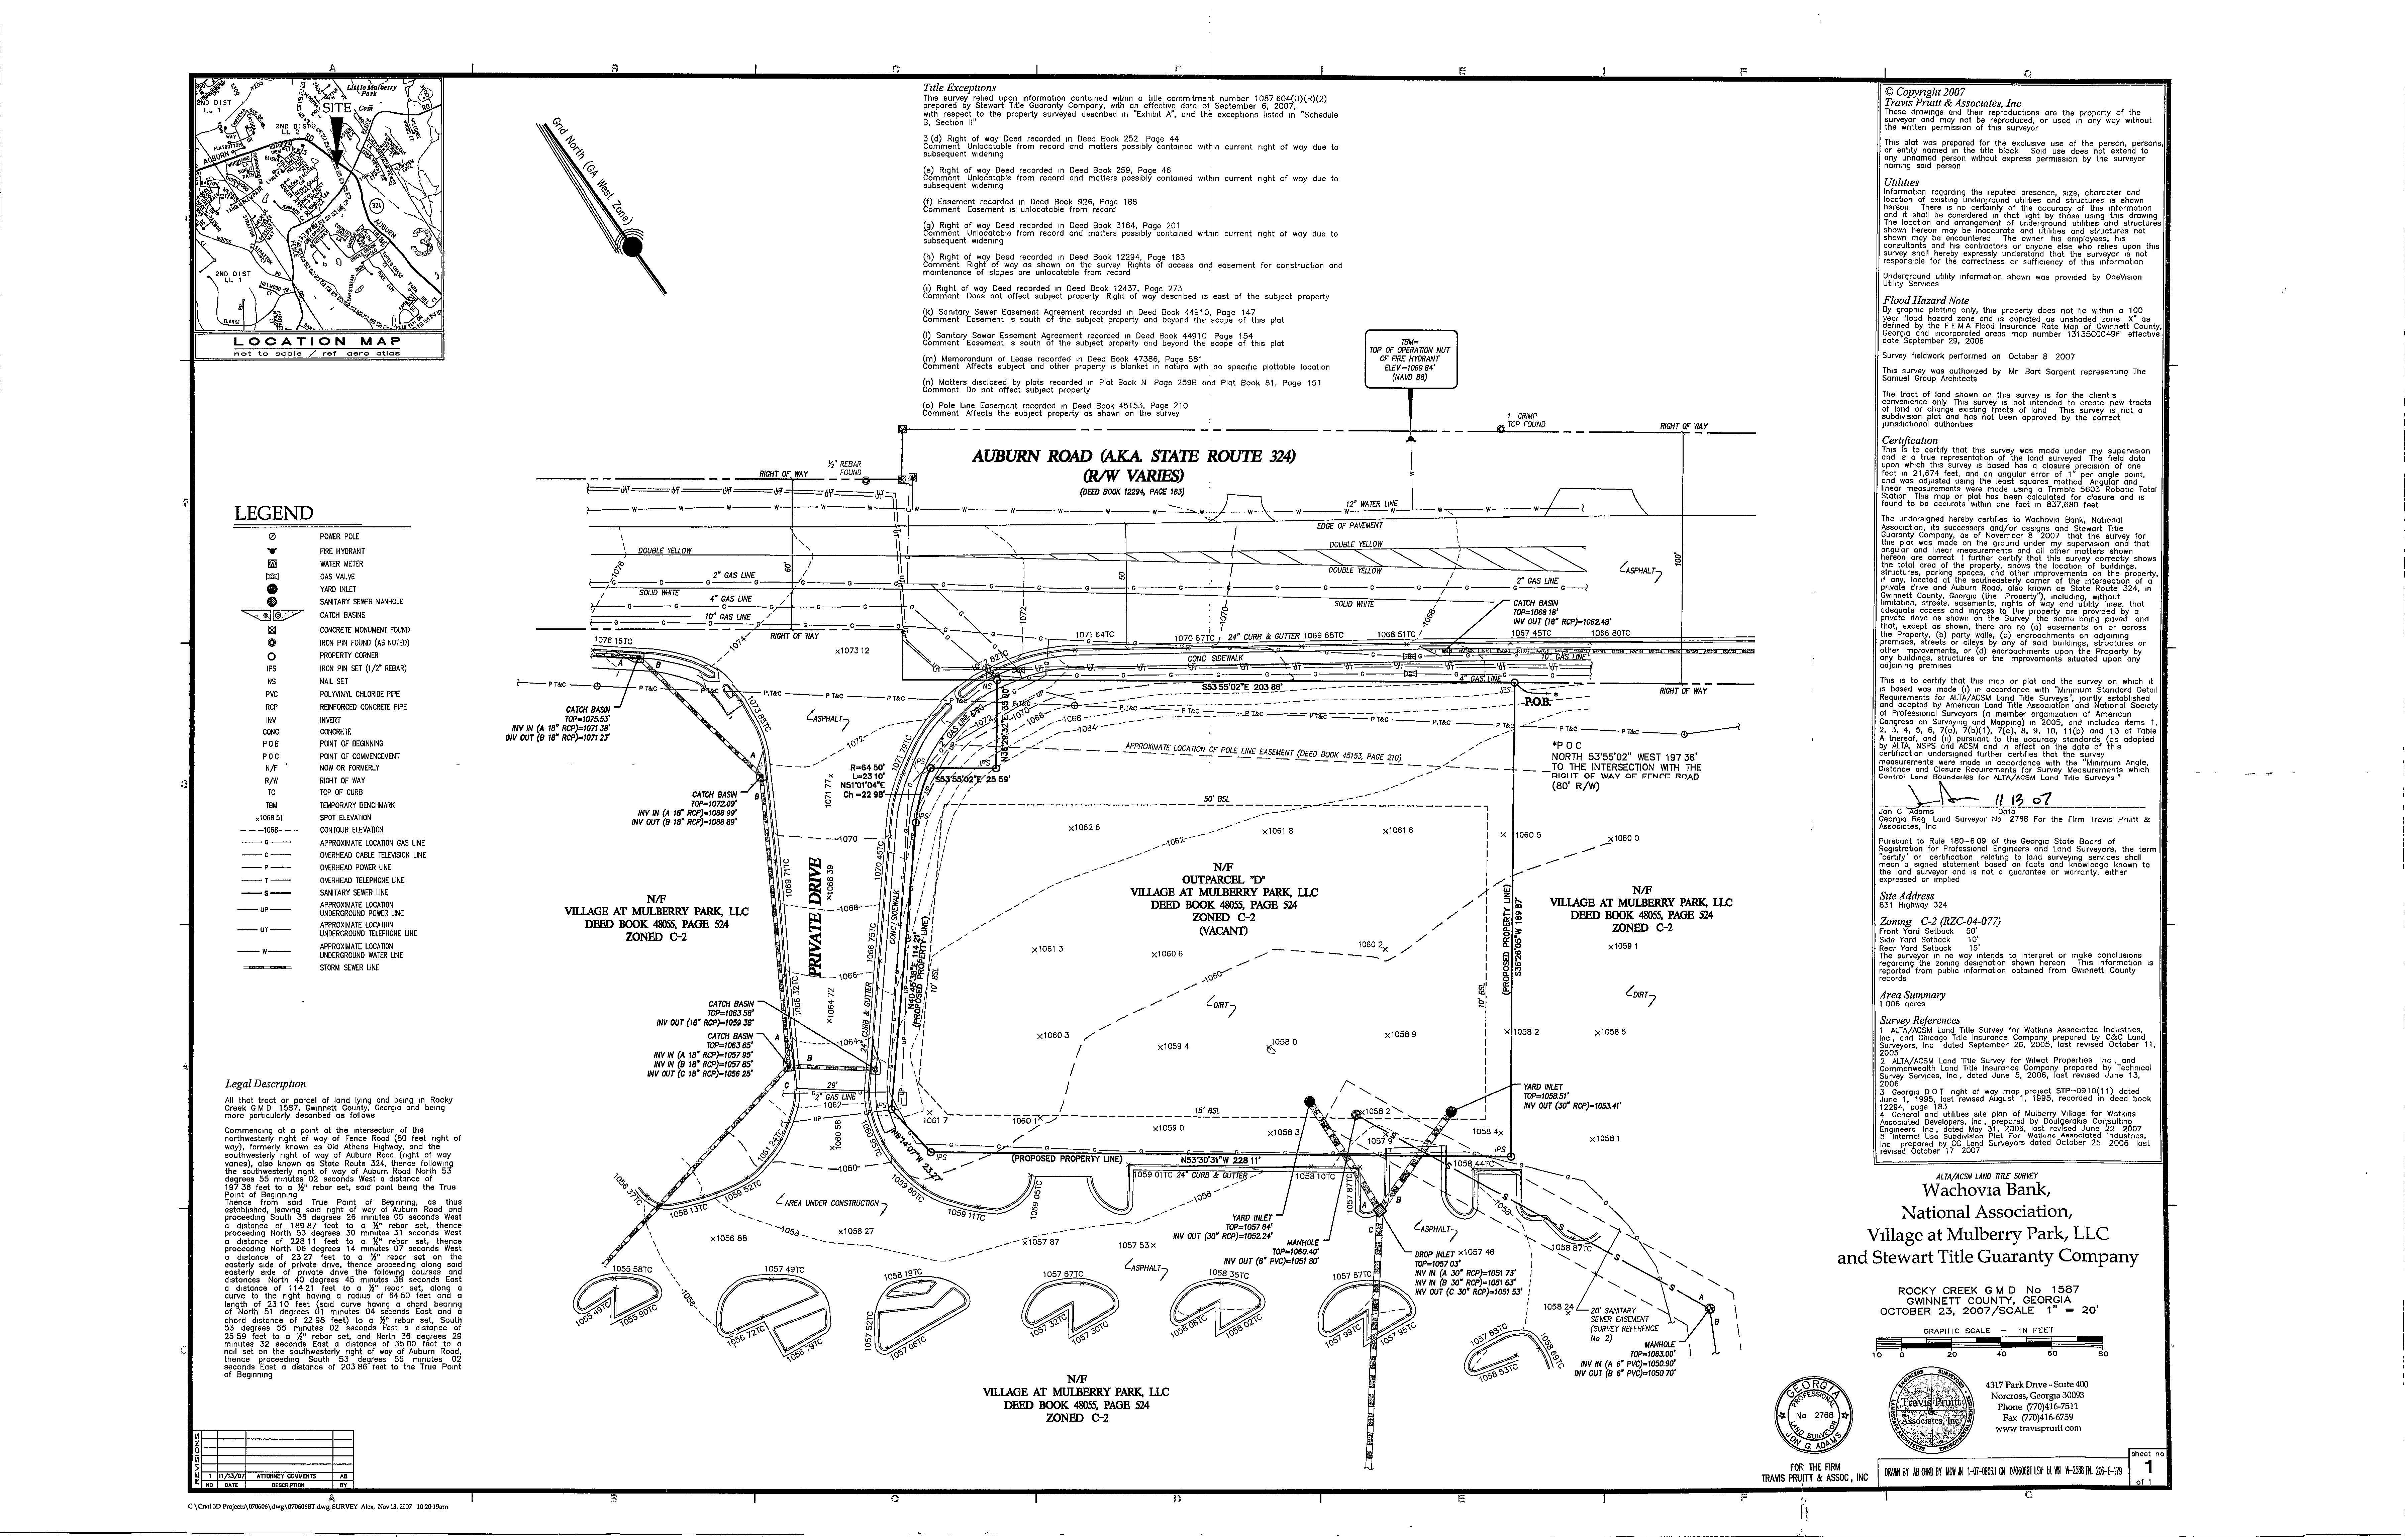 ALTA Land Title Survey